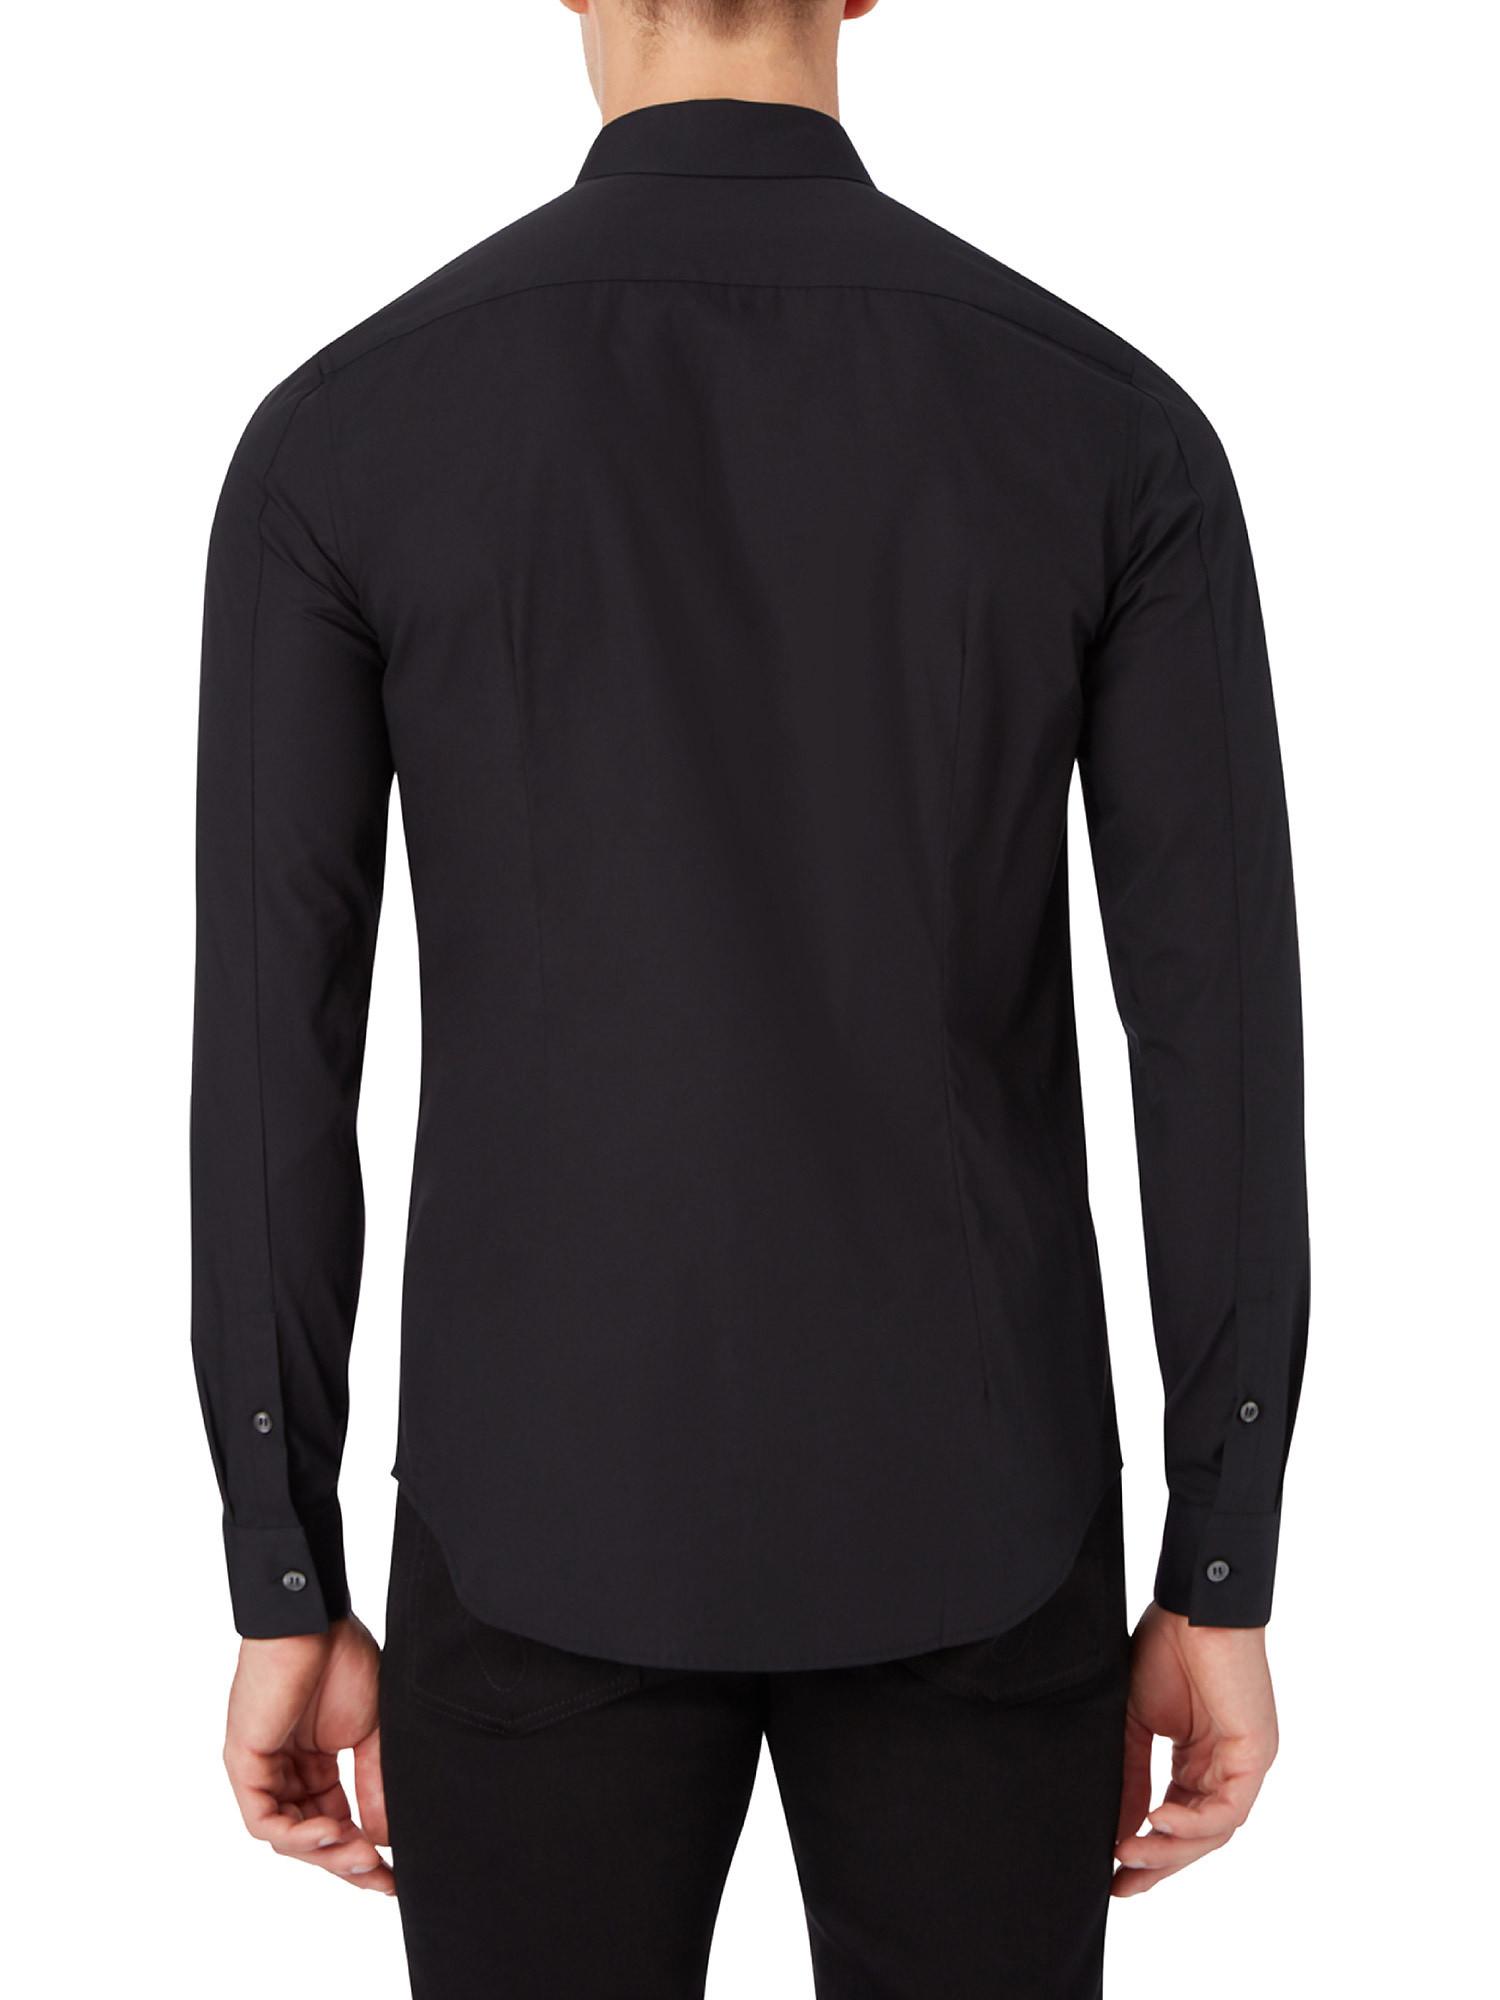 Camicia in cotone elasticizzato, Nero, large image number 5